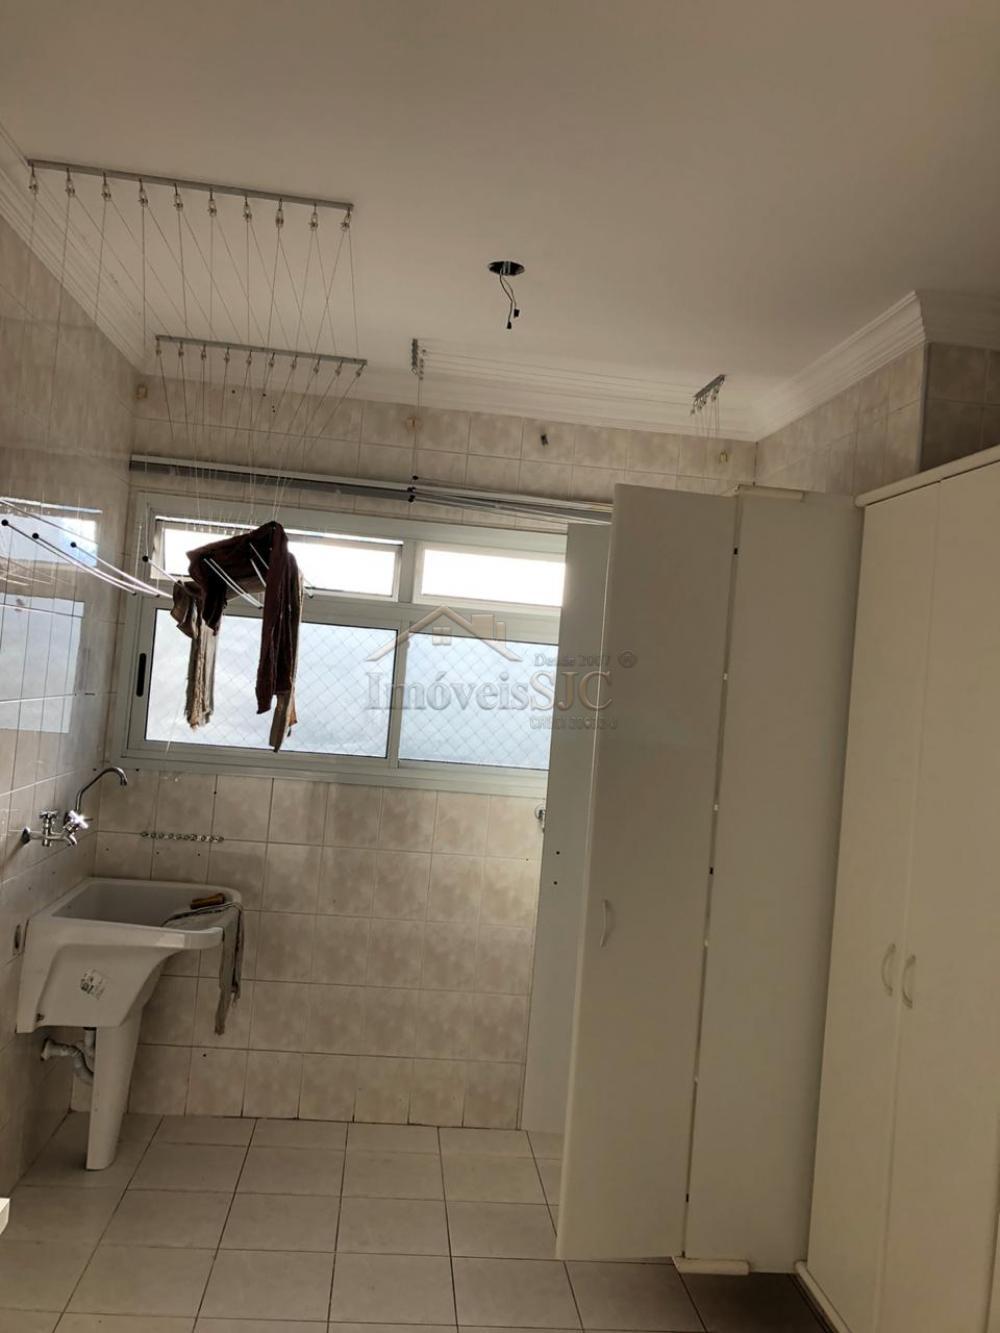 Alugar Apartamentos / Cobertura em São José dos Campos apenas R$ 3.300,00 - Foto 9